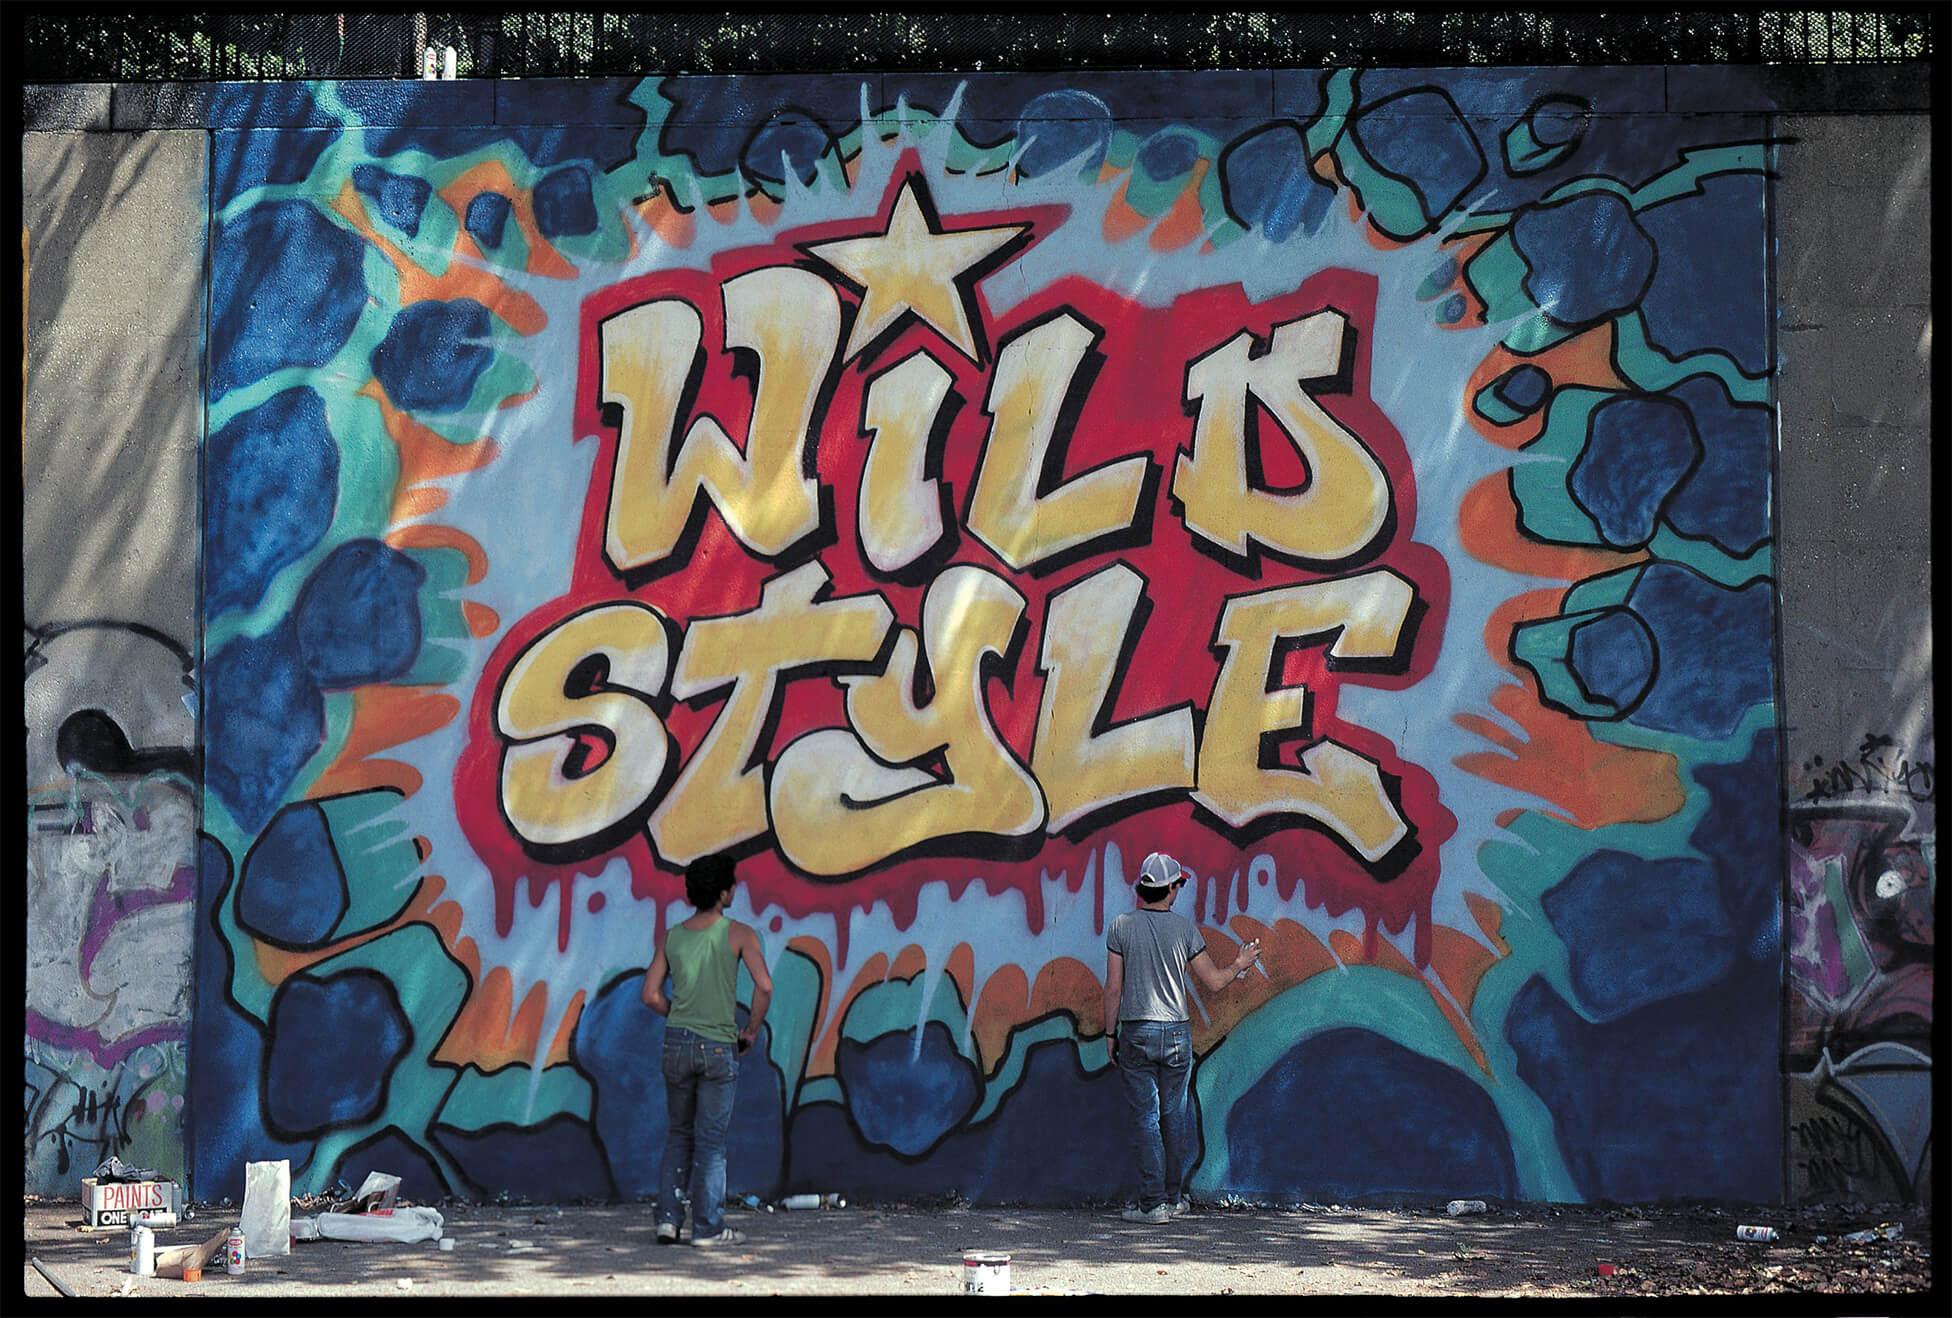 Na zdjeciu widzimy sciane pokryta kolorowym grafitti najbardziej rzuca sie w oczy napis wild style